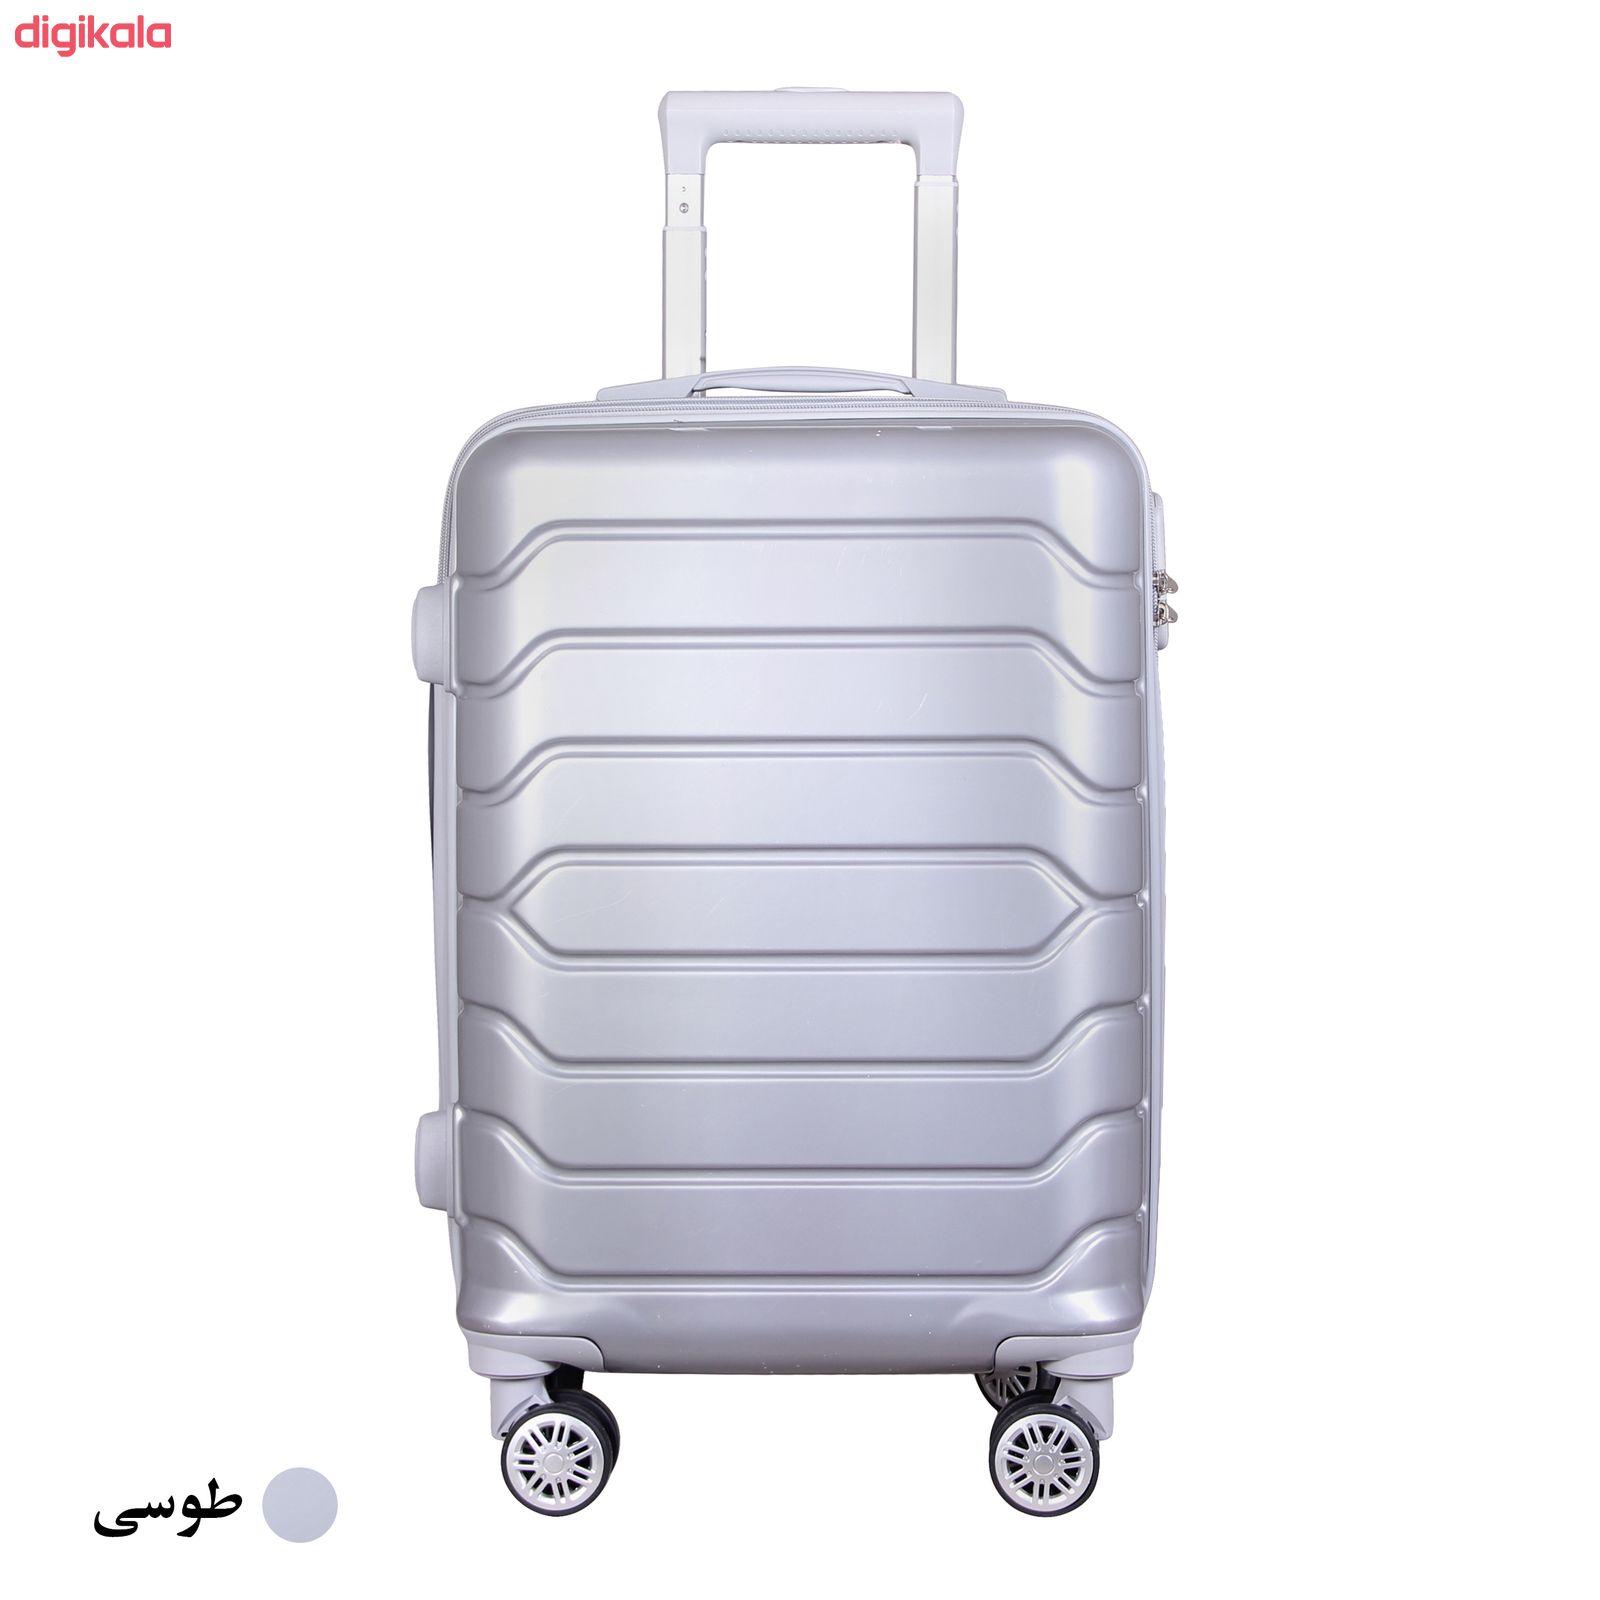 مجموعه سه عددی چمدان مدل 20020 main 1 14